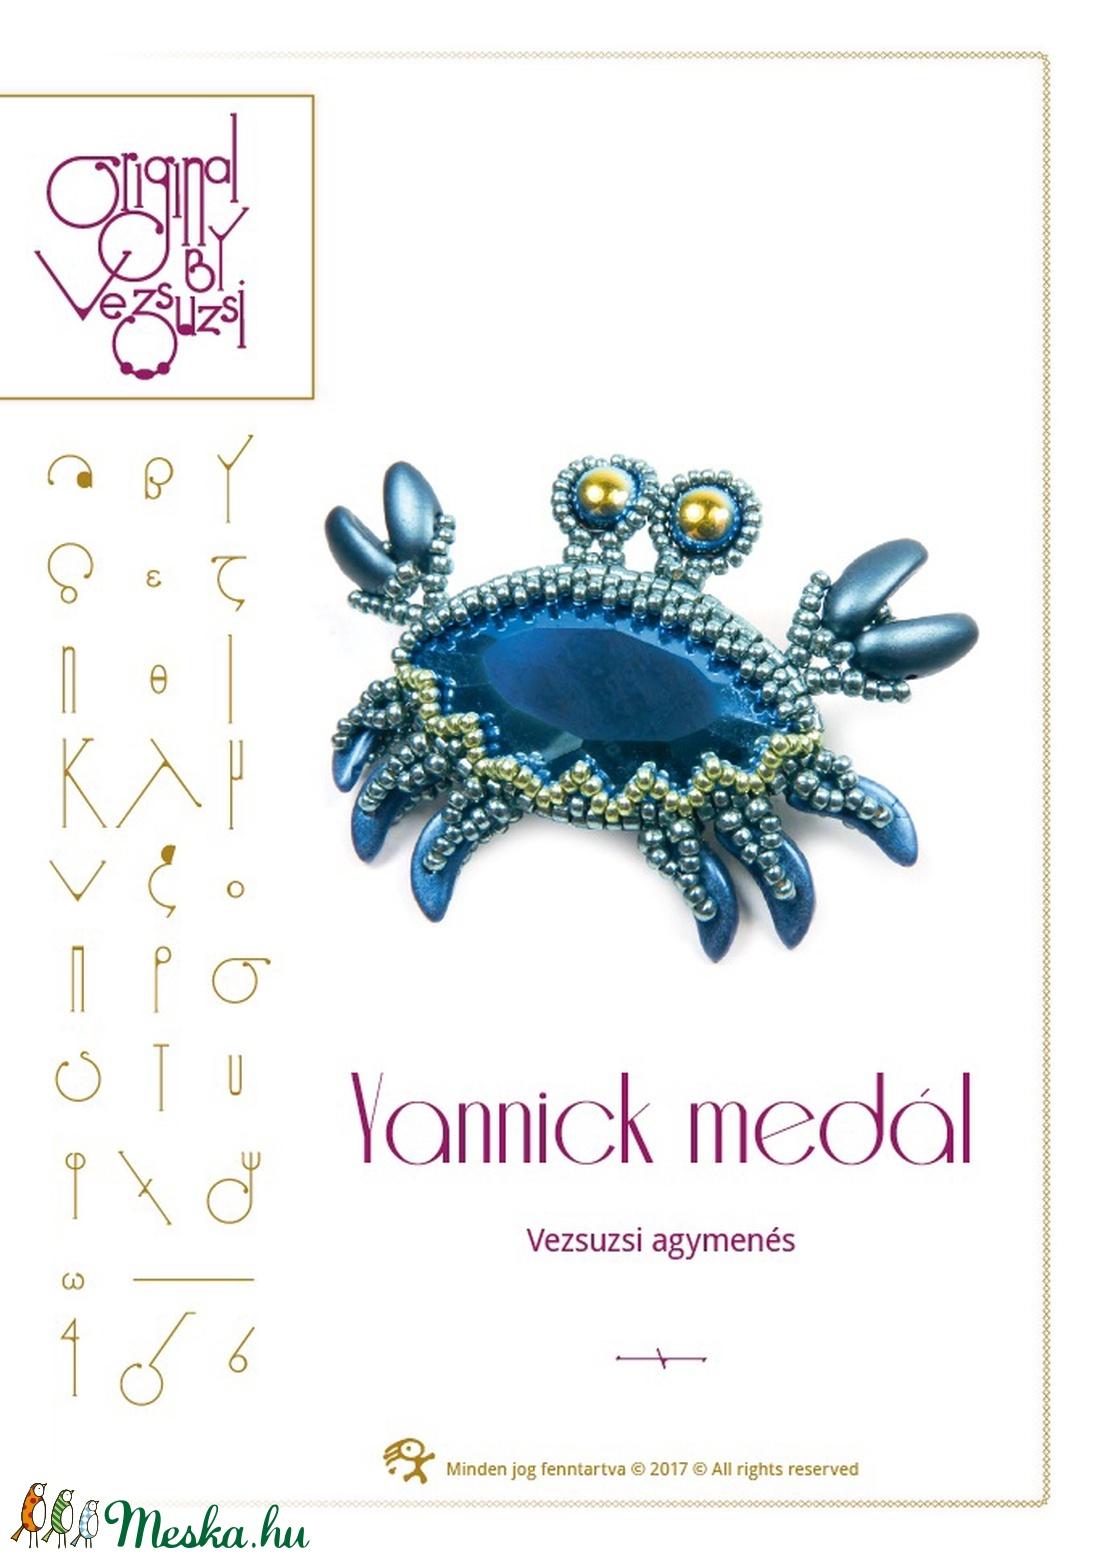 Yannick a rák... minta egyéni felhasználásra (vezsuzsiminta) - Meska.hu